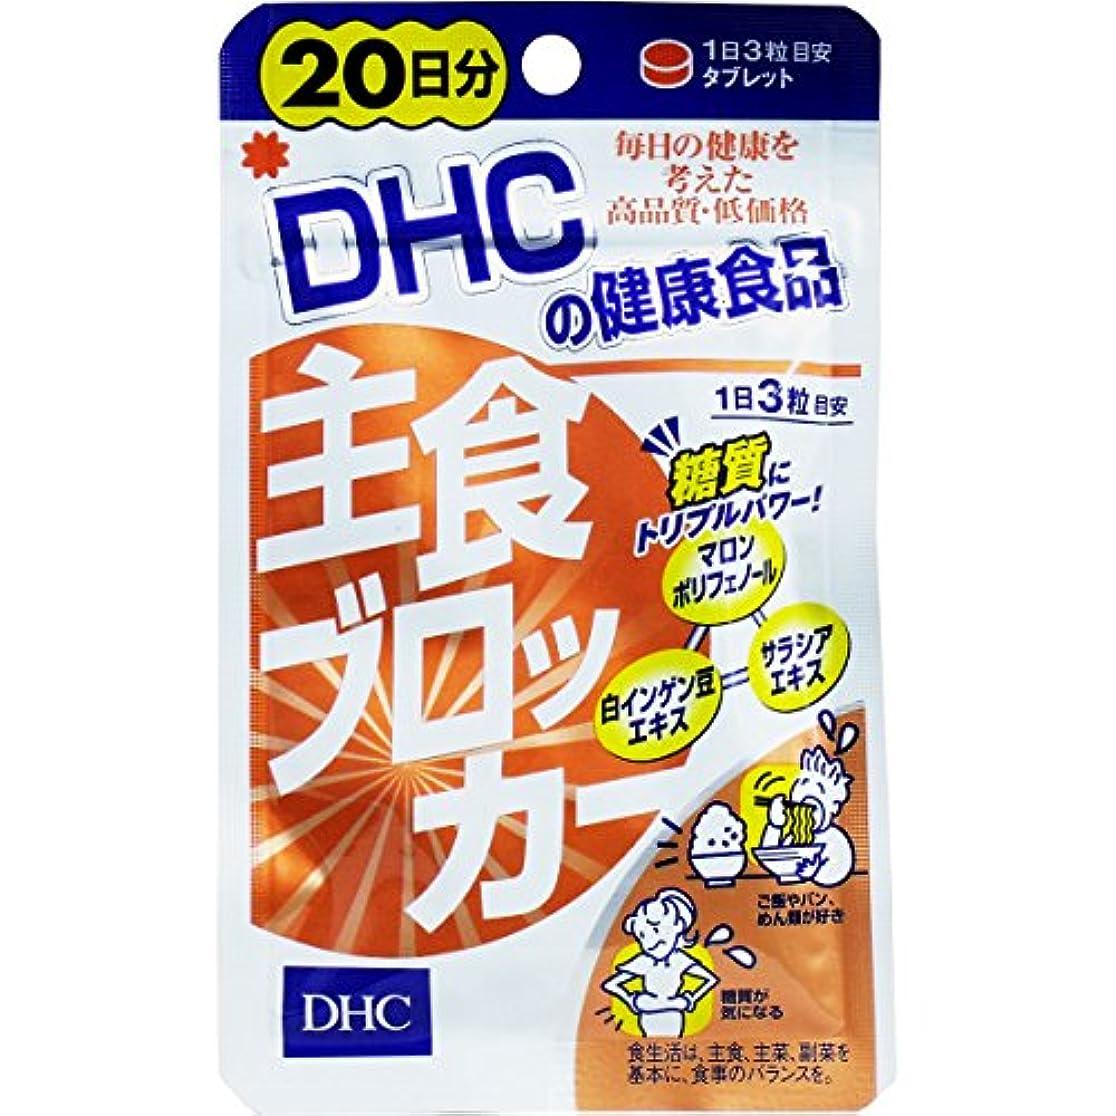 事実上受け皿男性お得な6個セット 炭水化物が好きな方へオススメ DHC 主食ブロッカー 20日分(60粒)